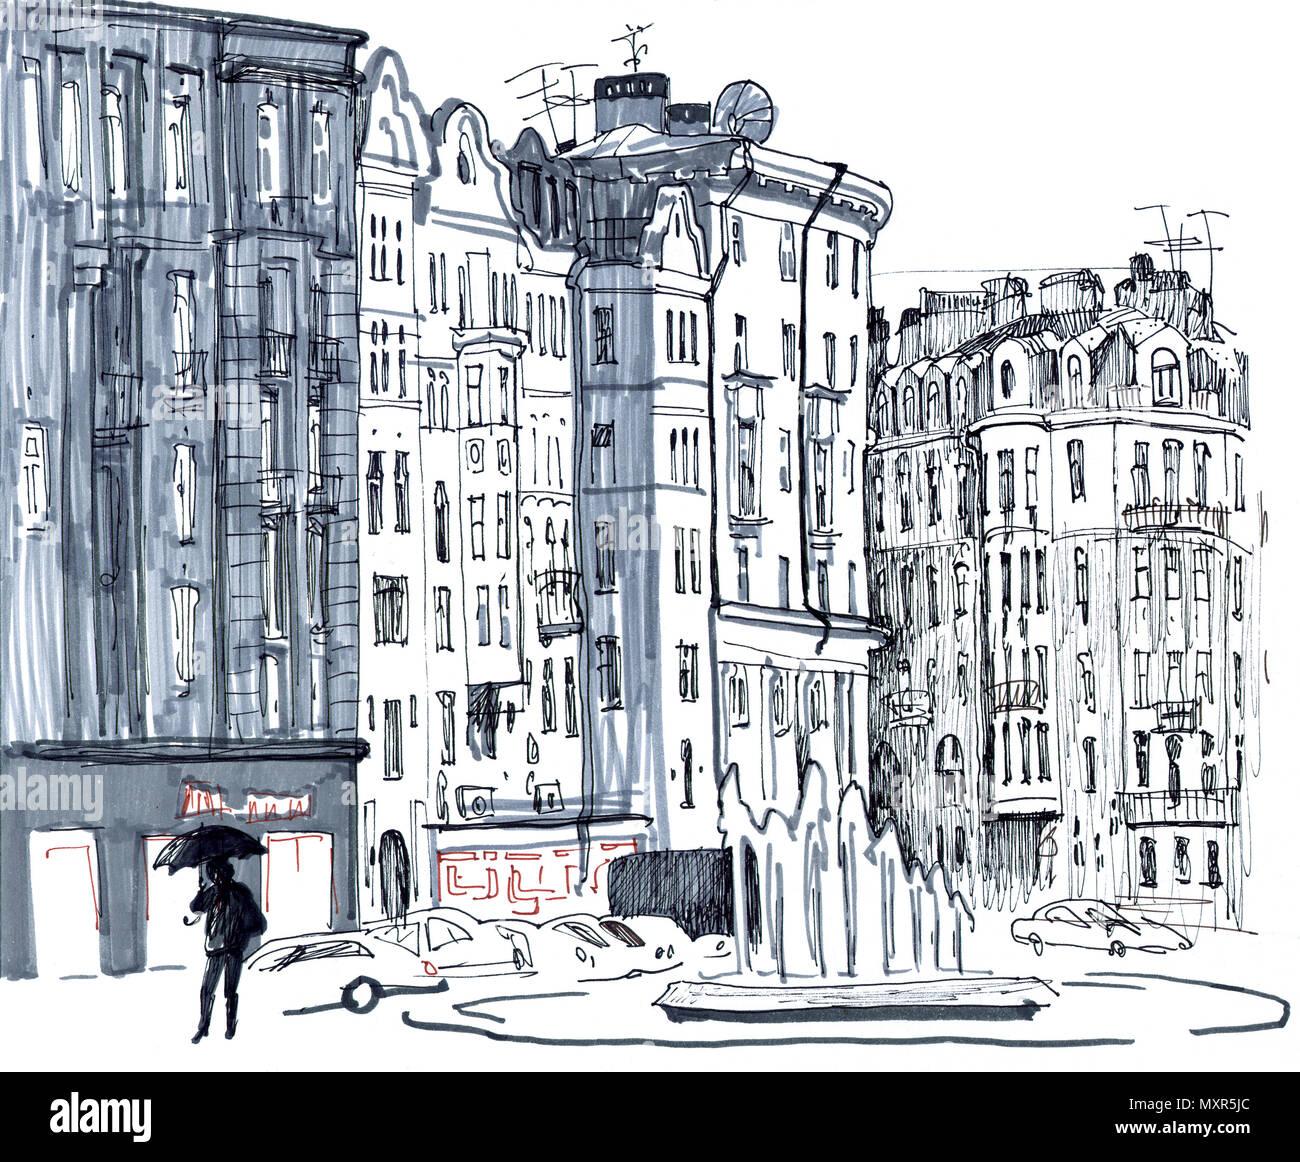 La escena de la ciudad. Sketchy dibujado a mano de estilo lápiz marcador Ilustración en tonos de gris. Día lluvioso, casas antiguas, calles, fuente, automóviles, figura humana con sombrilla. San Petersburgo, Rusia. Imagen De Stock